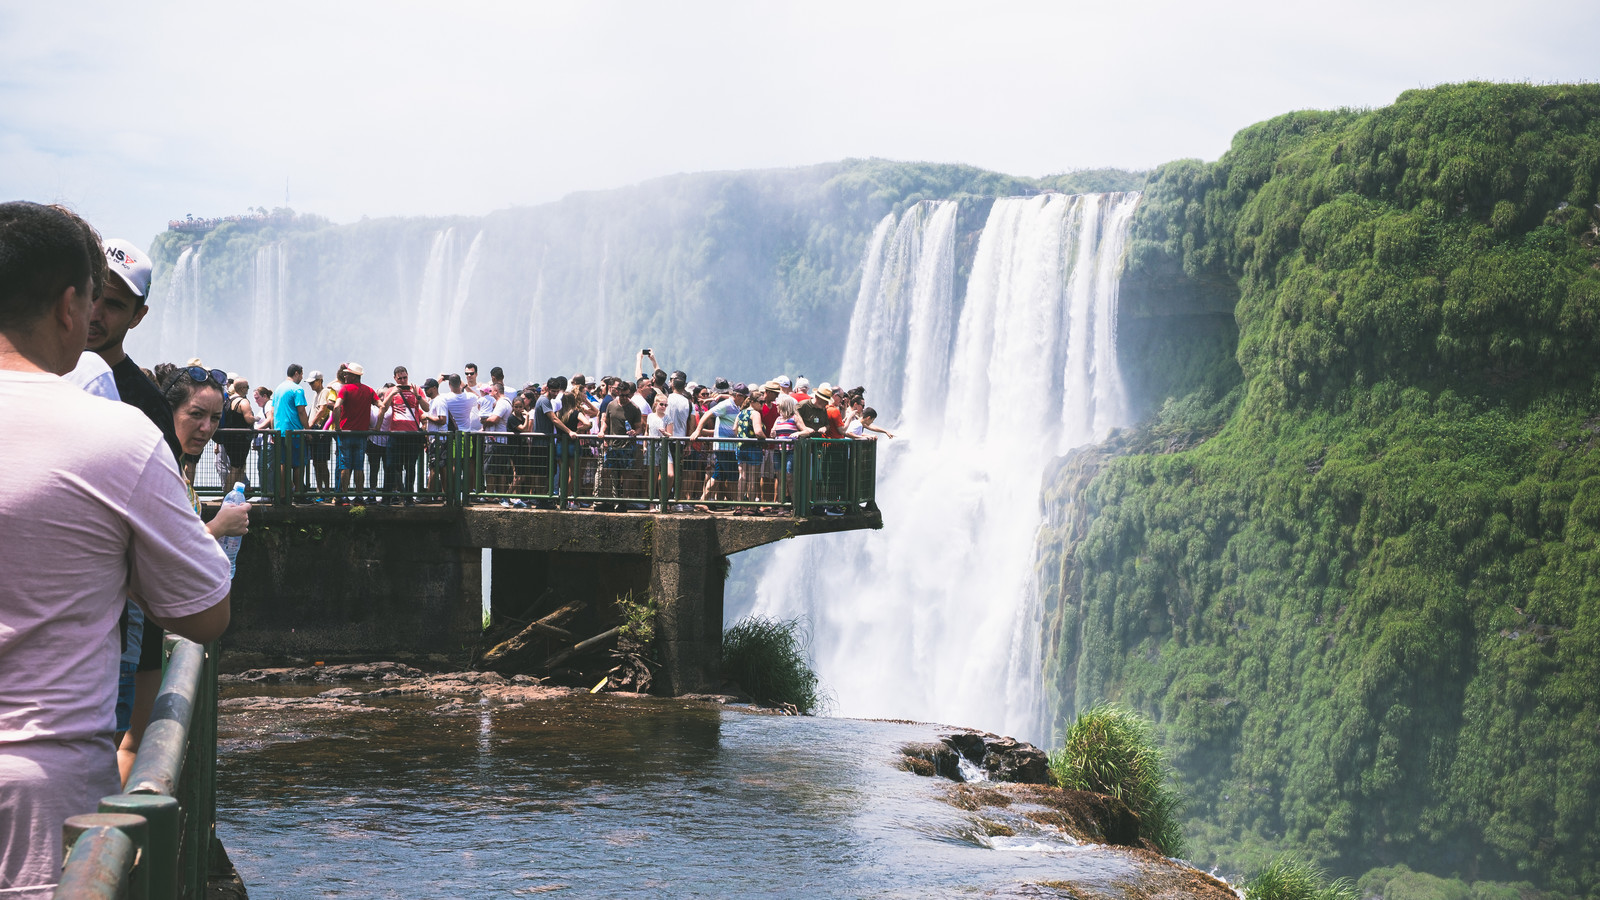 「滝つぼを覗き込むツアー客(イグアスの滝)」の写真